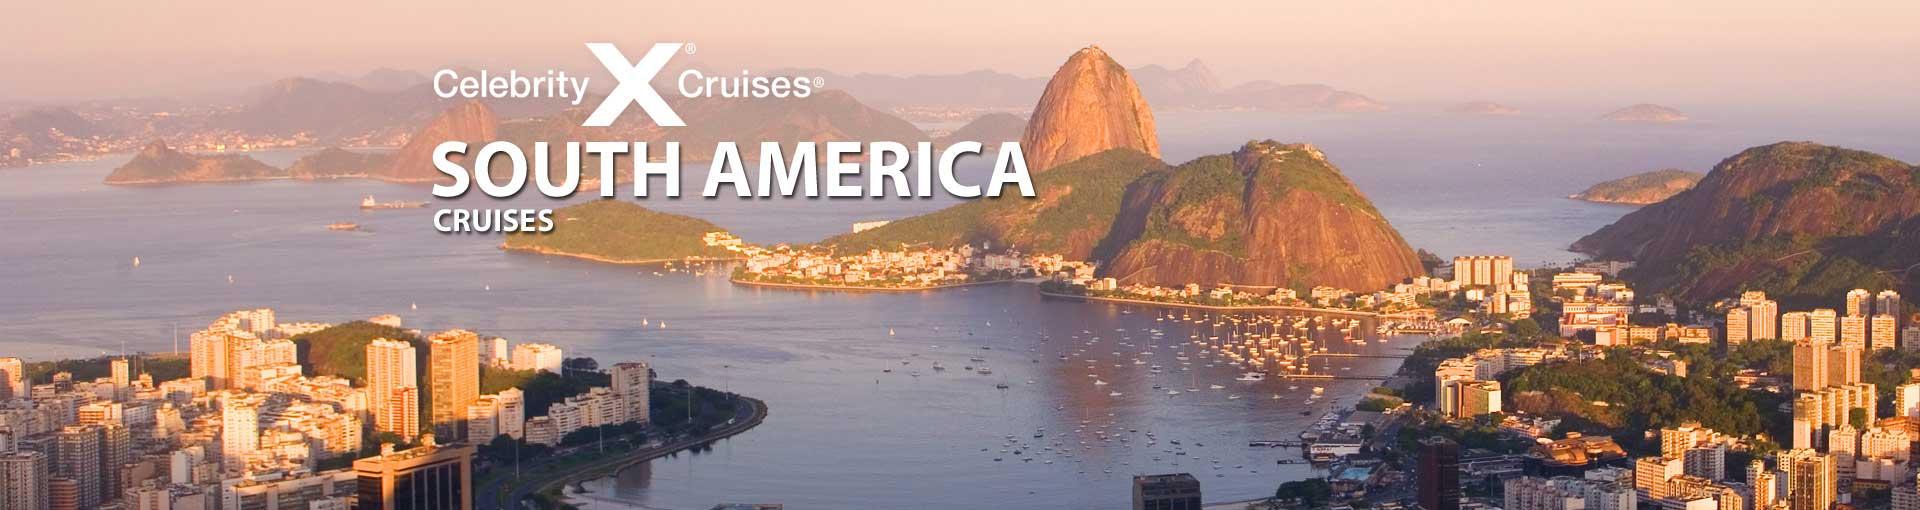 Celebrity Cruises Usa